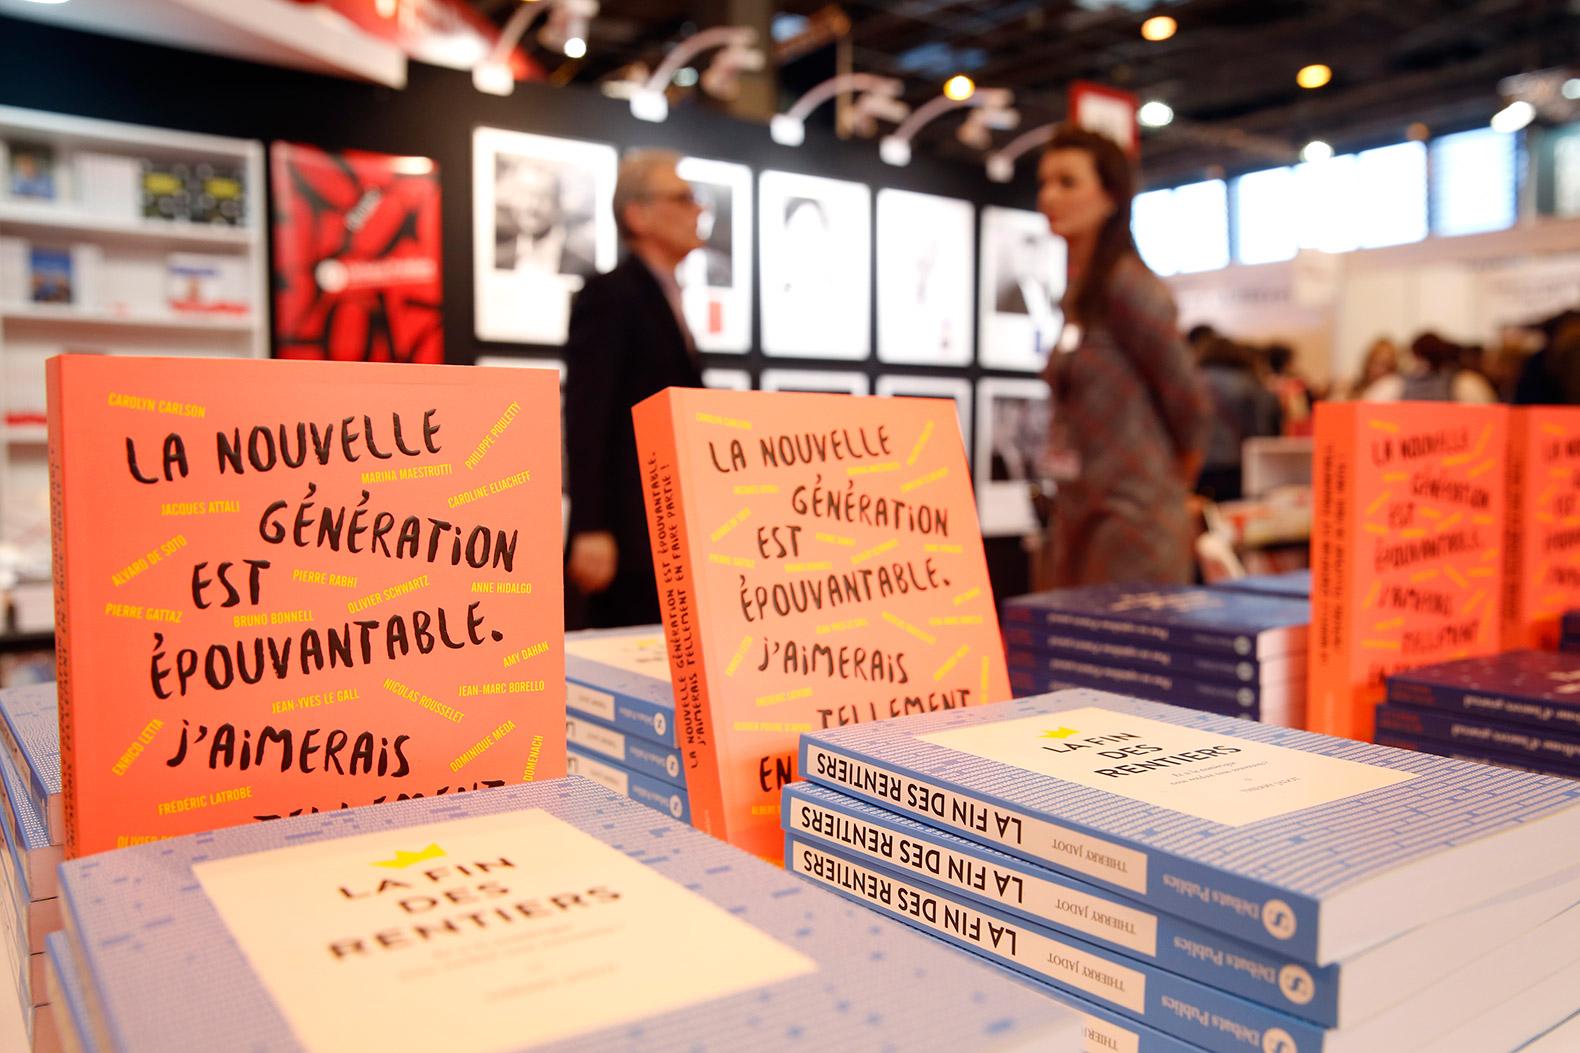 Accueil d bats publics - Salon du livre paris 2017 ...